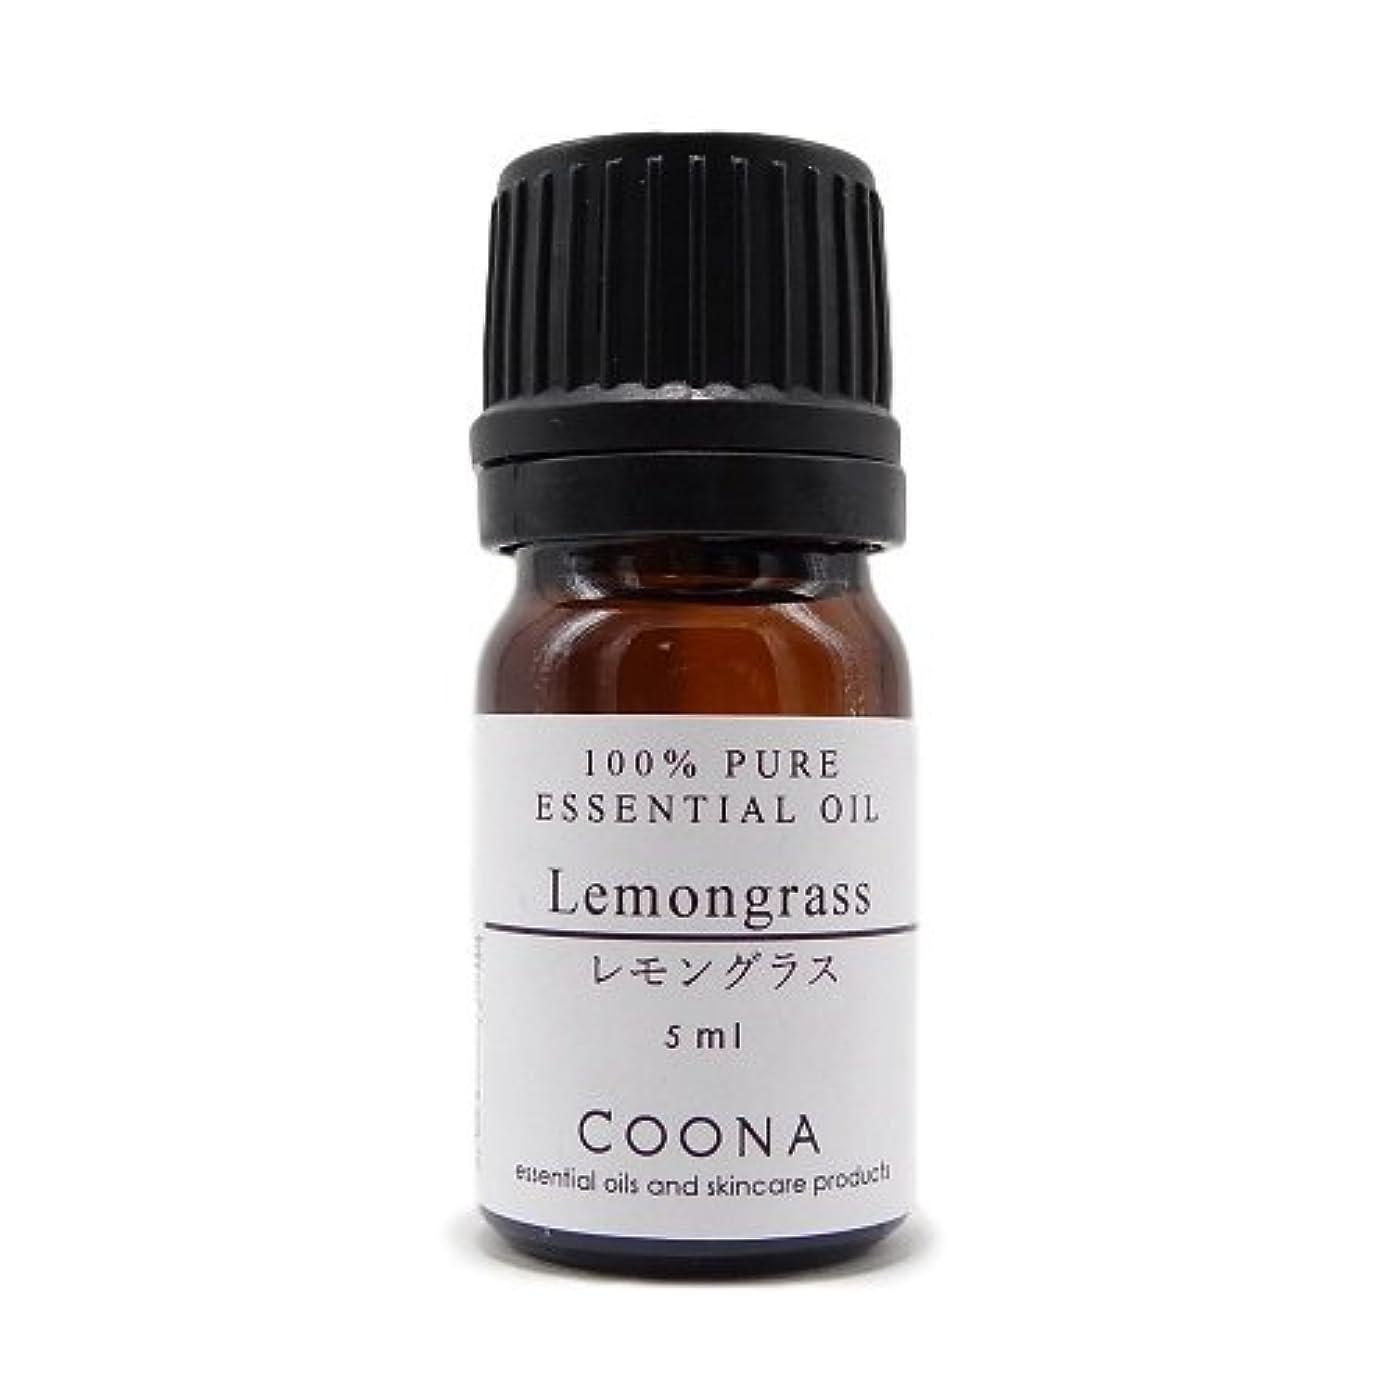 ソロカフェ診断するレモングラス 5ml (COONA エッセンシャルオイル アロマオイル 100%天然植物精油)